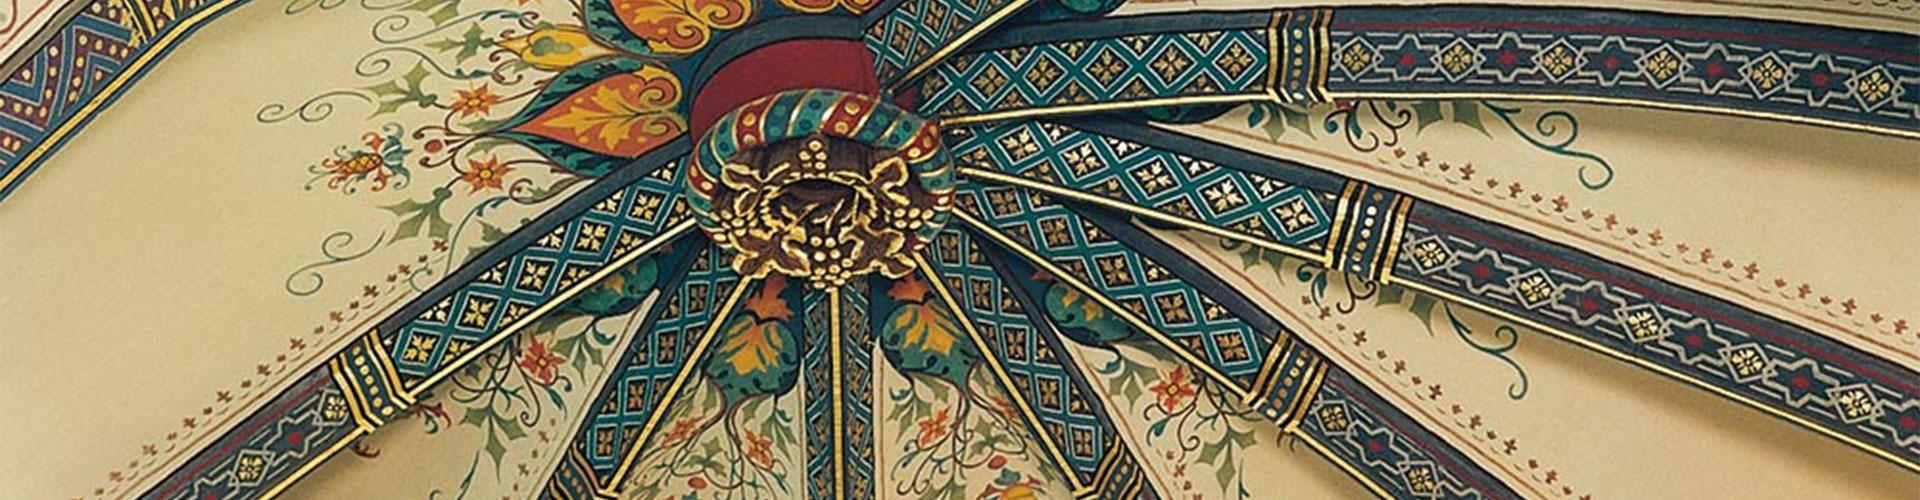 Deckenmalerei Slider von der Restaurierungen Berchem GmbH